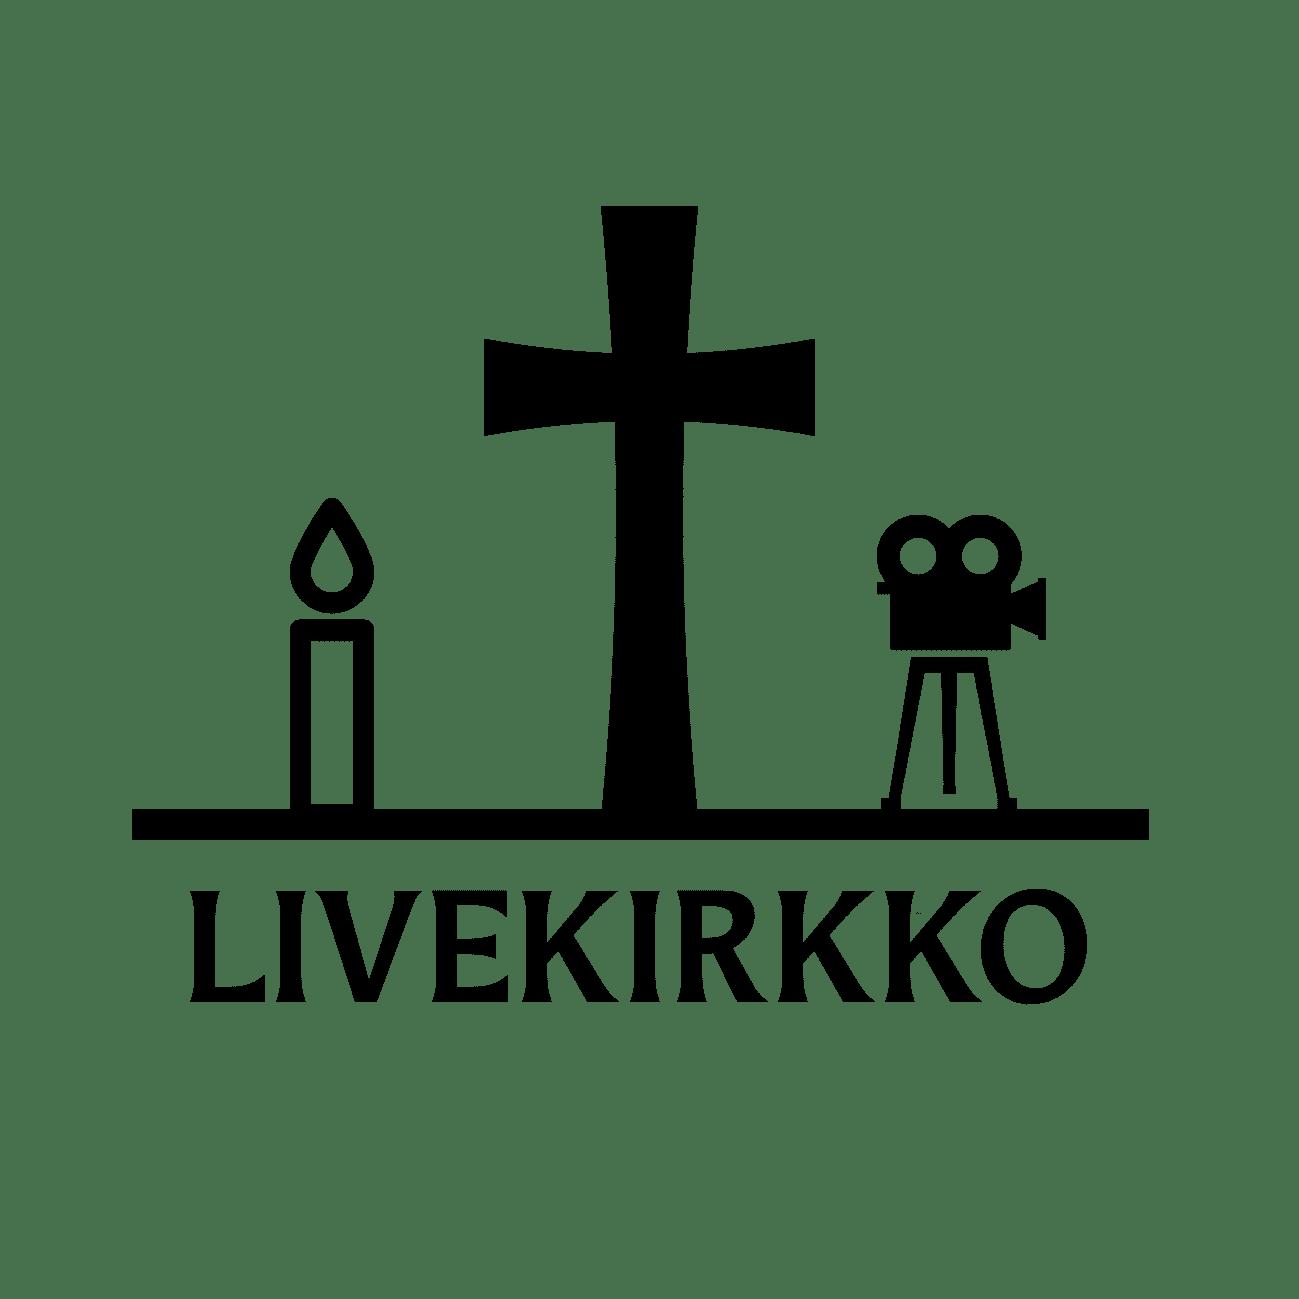 Livekirkko